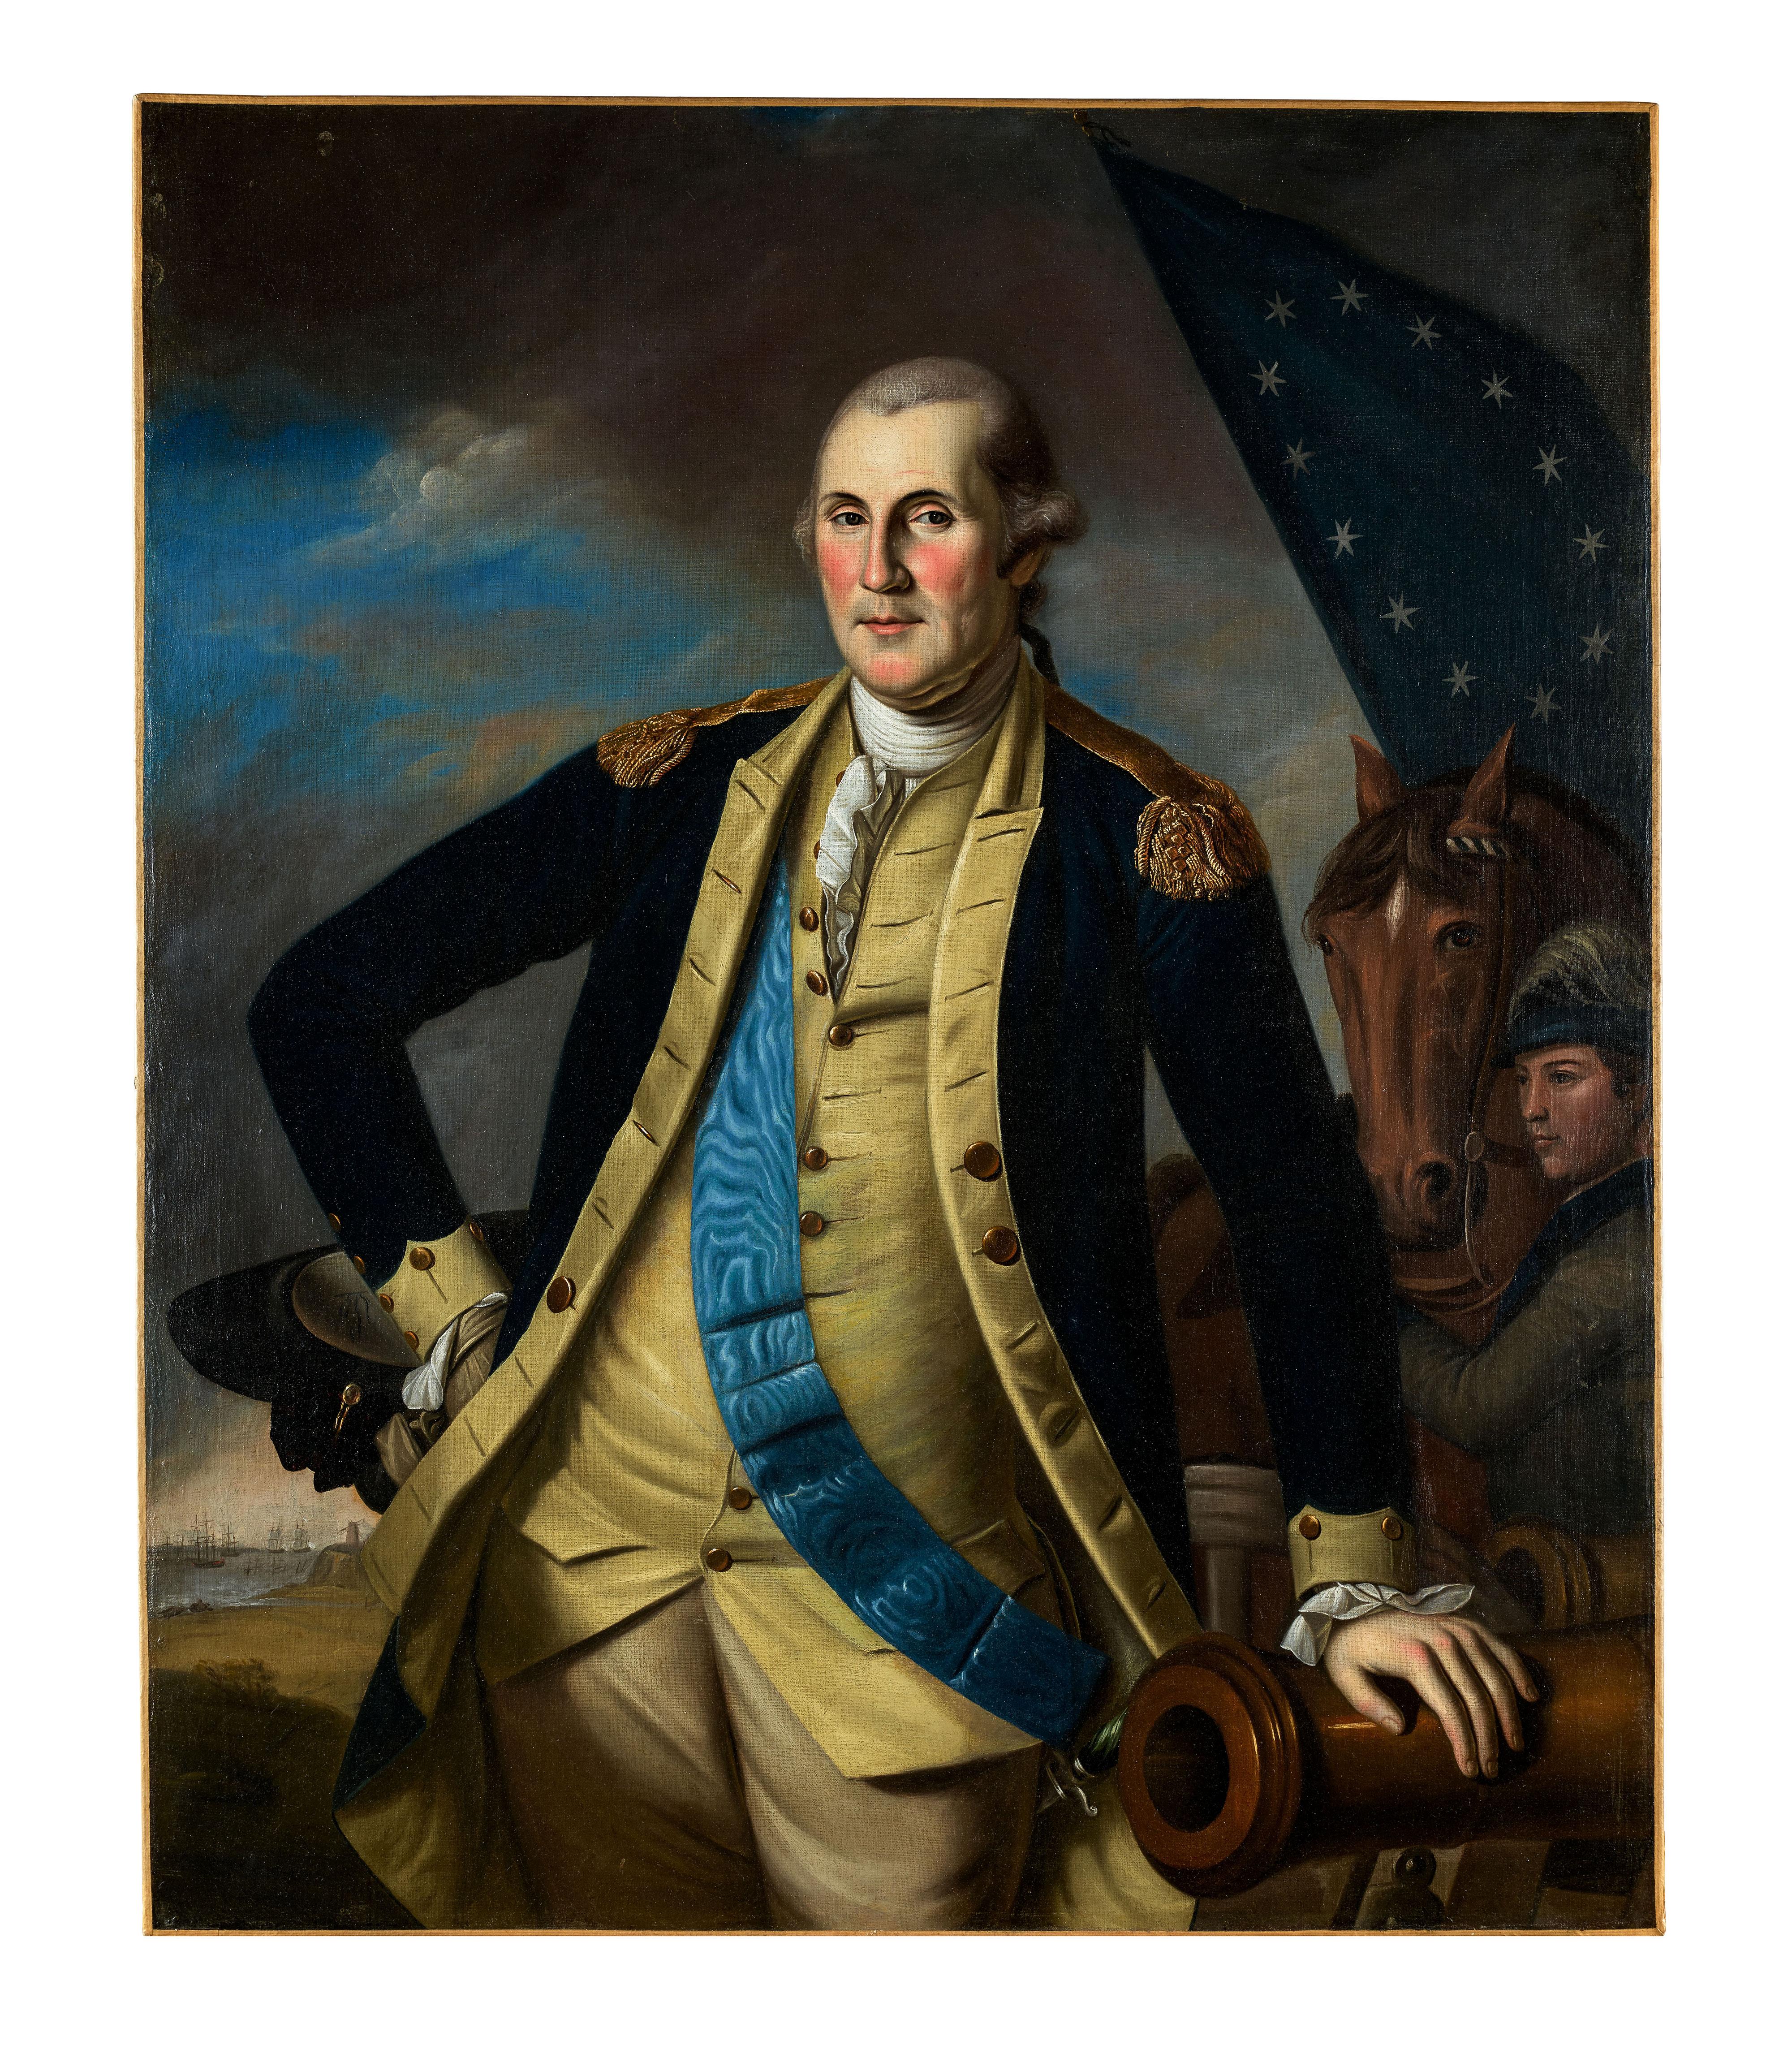 WWashington-Portrait-without-frame-JNET2018-00018.jpg